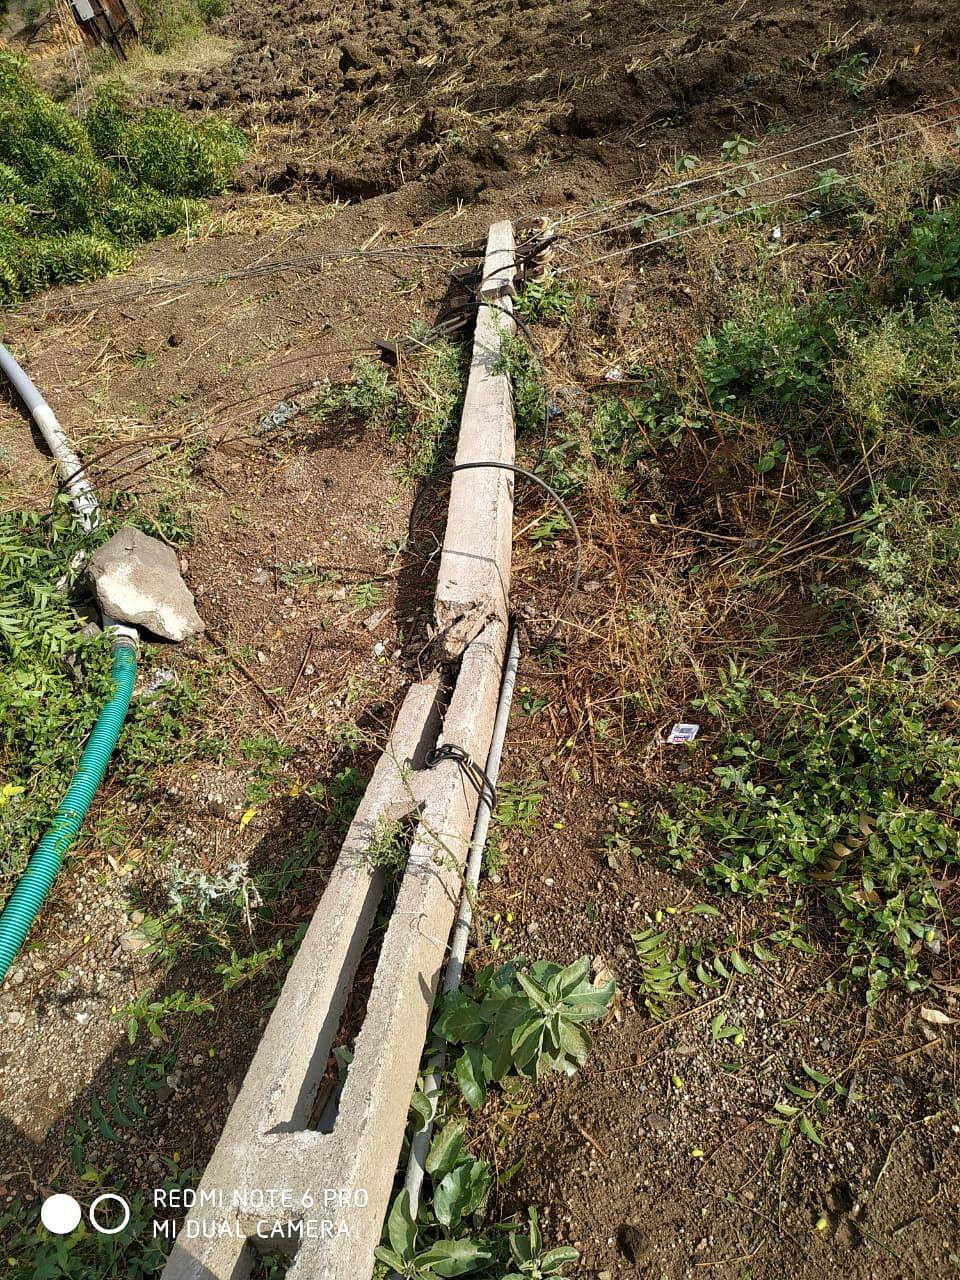 PhotoGallery : सिन्नर तालुक्याला निसर्गाचा तडाखा; २१.२० मिमी पावसाची नोंद